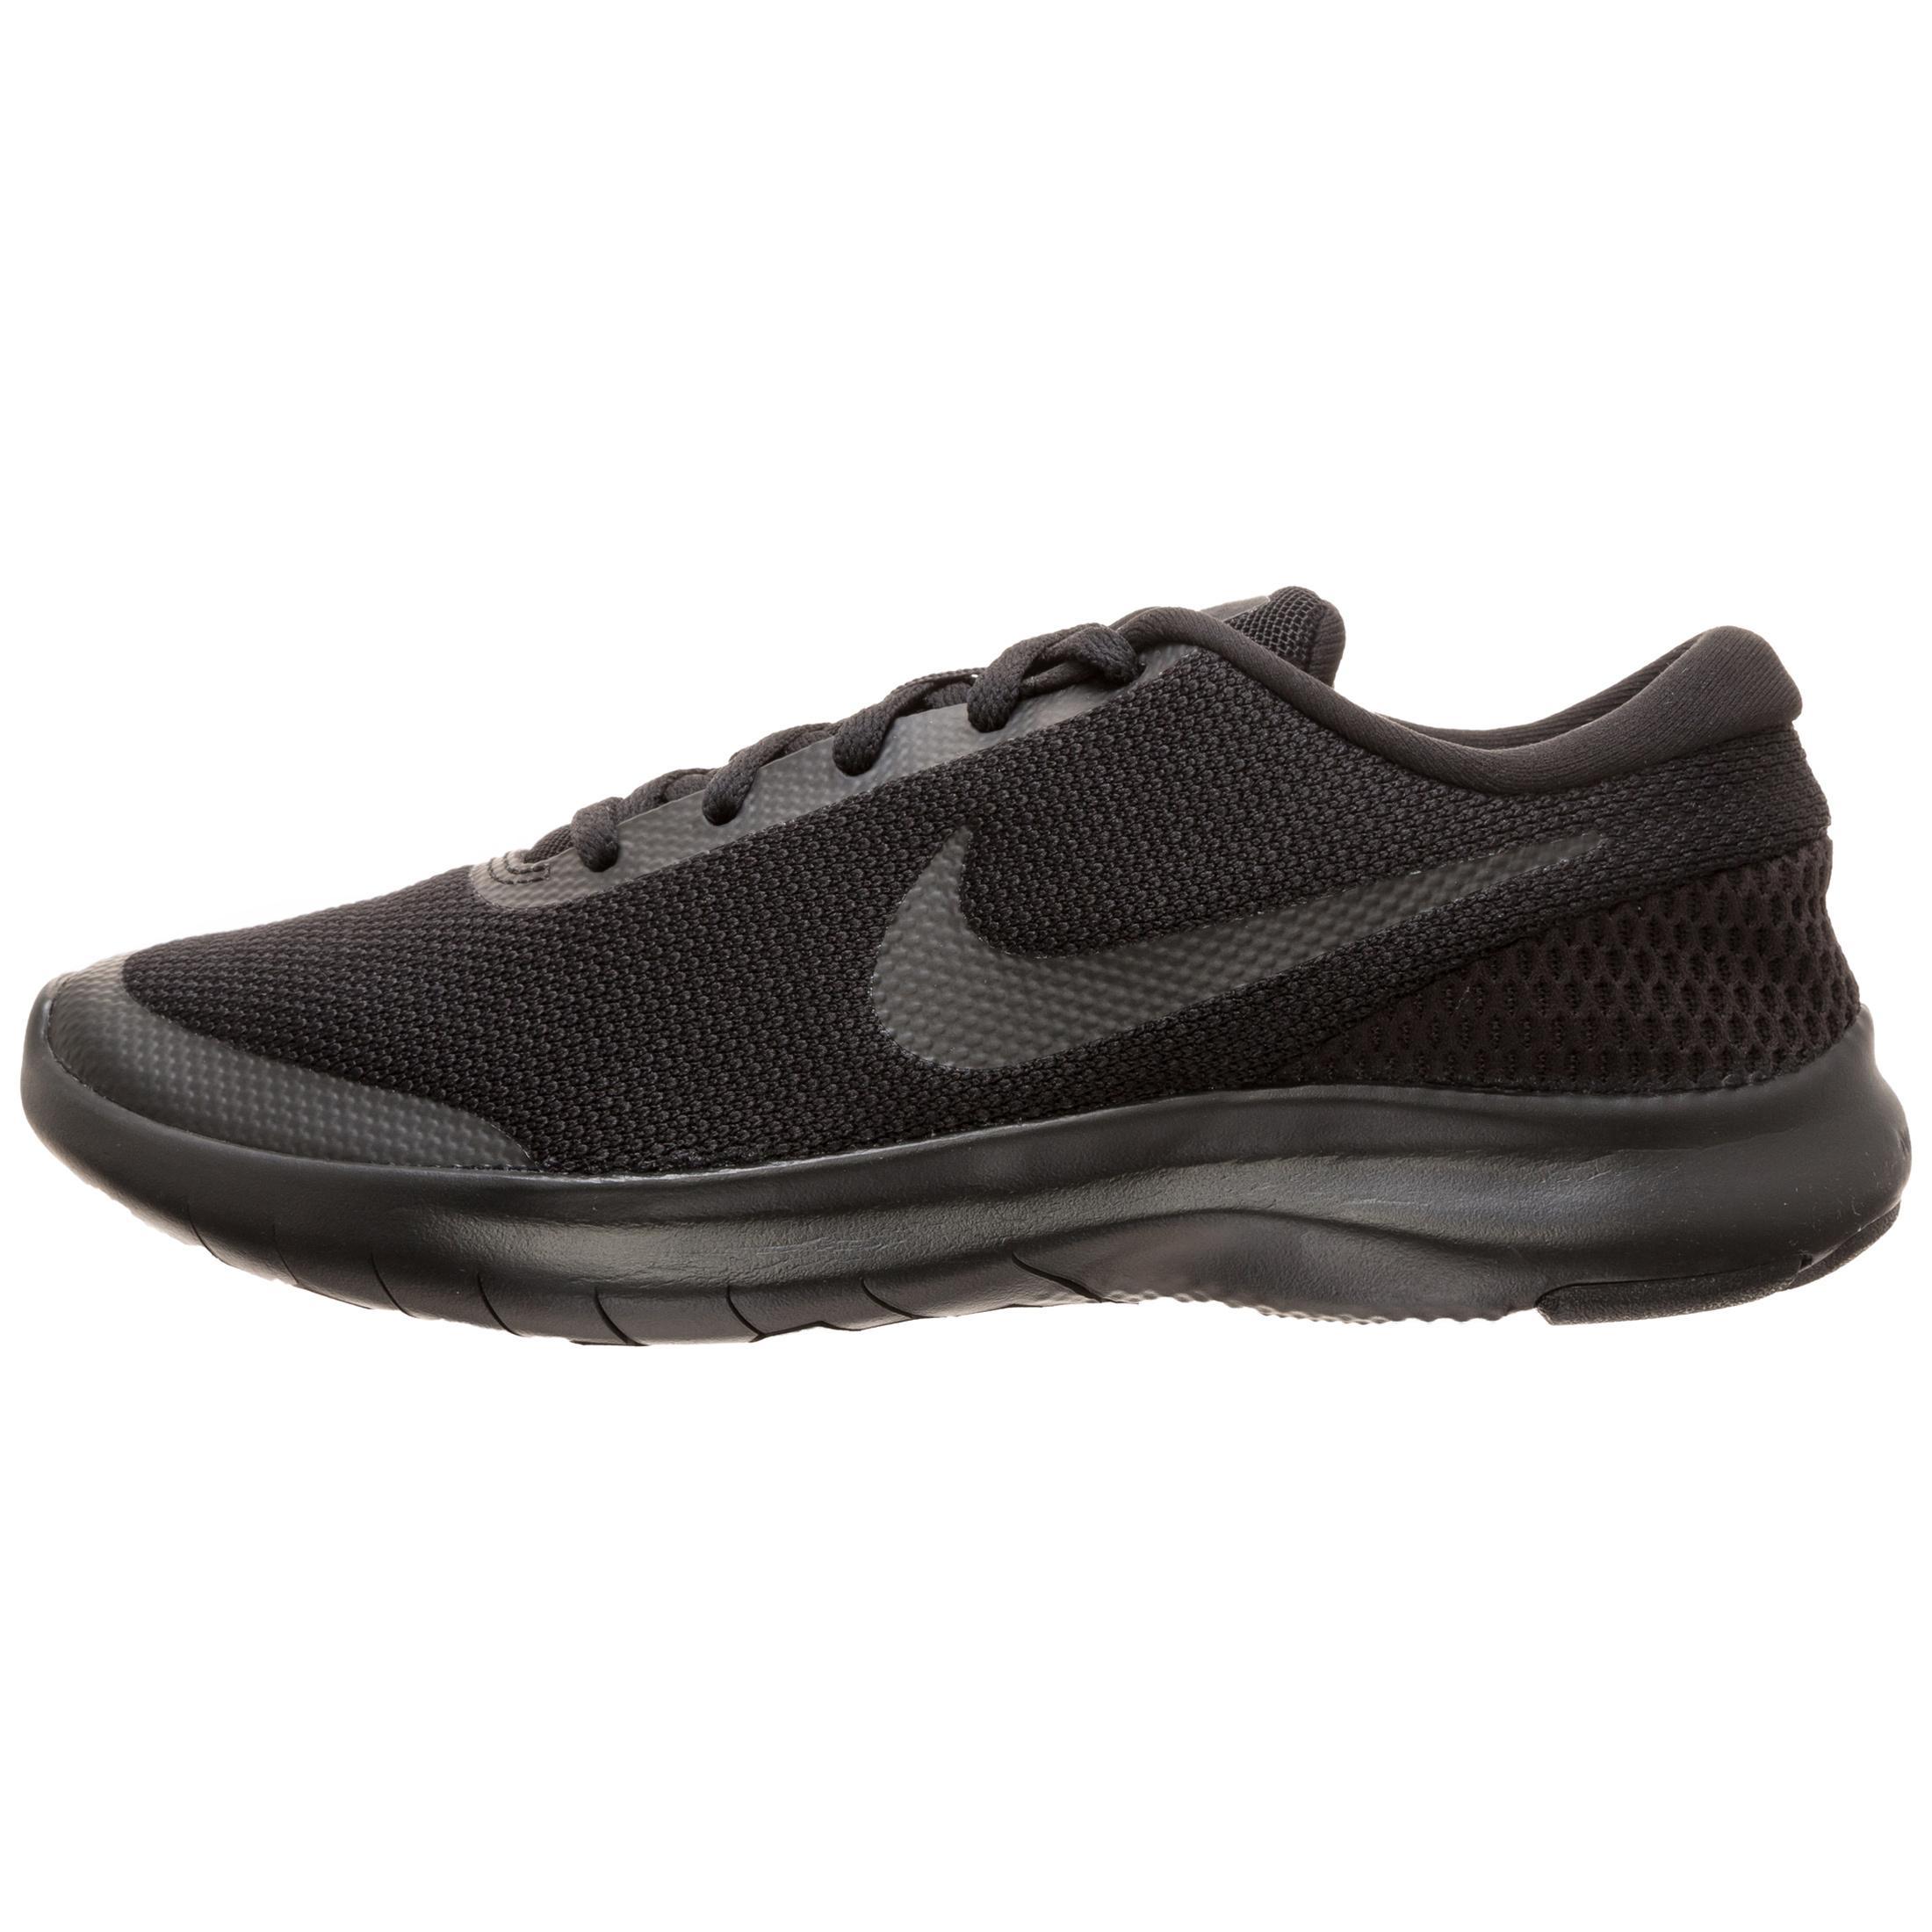 Nike Flex Experience Run grau 7 Laufschuhe Damen grau Run / weiß im Online Shop von SportScheck kaufen Gute Qualität beliebte Schuhe d27bc5